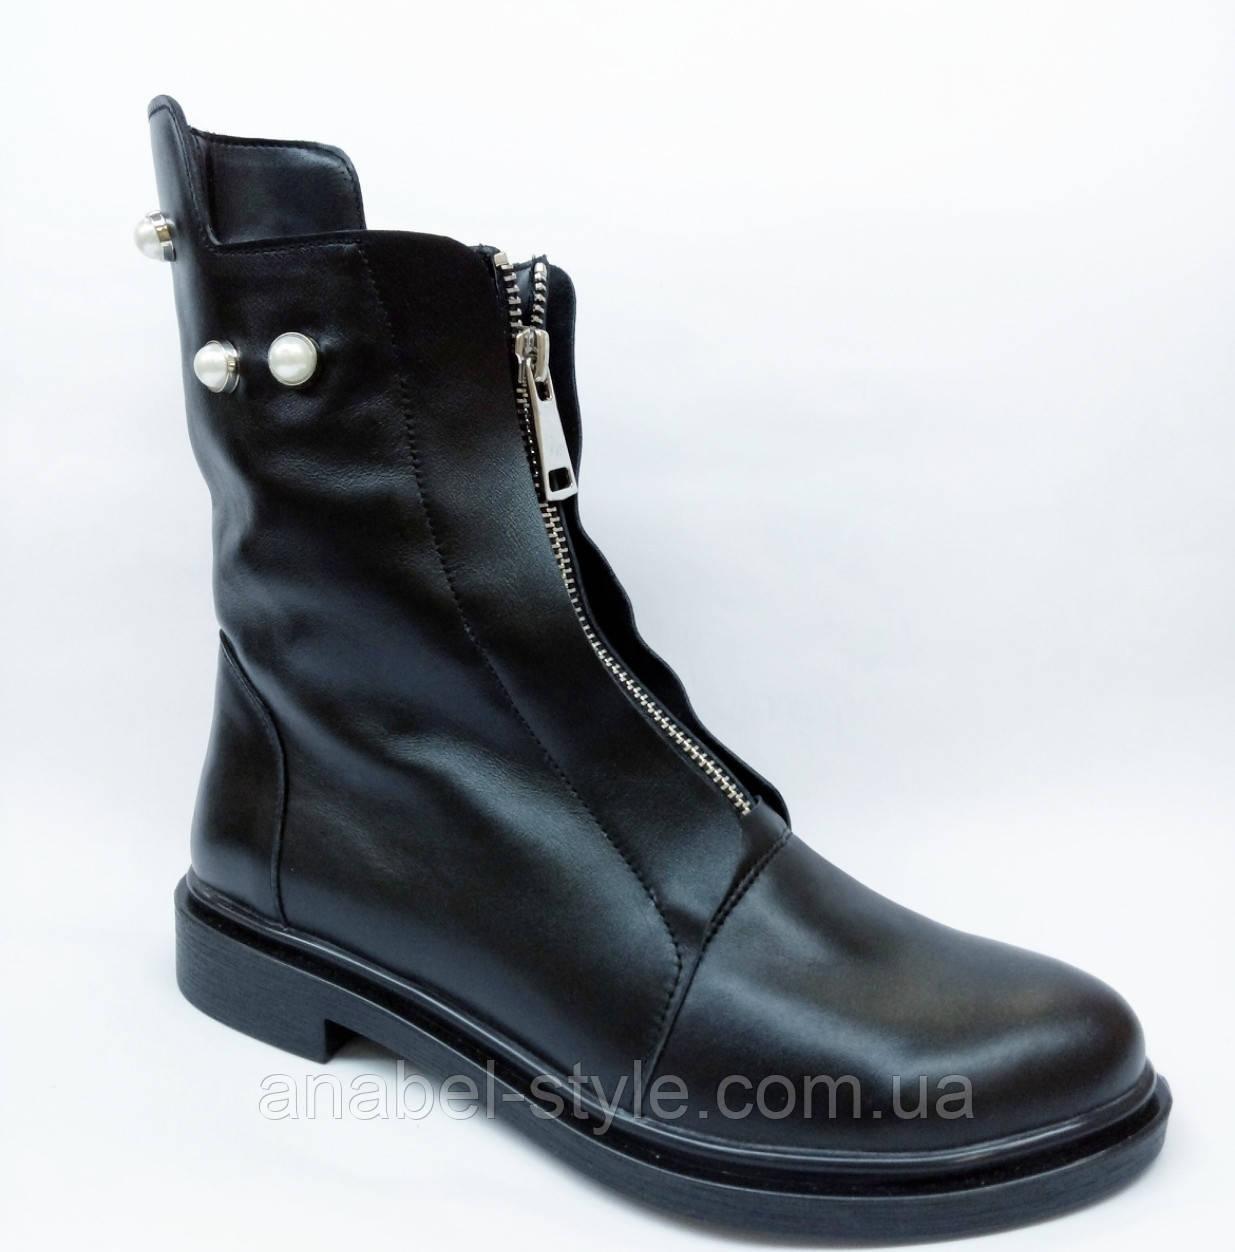 Ботинки осенне-весенние из натуральной кожи черного цвета спереди молния код 1805 AR